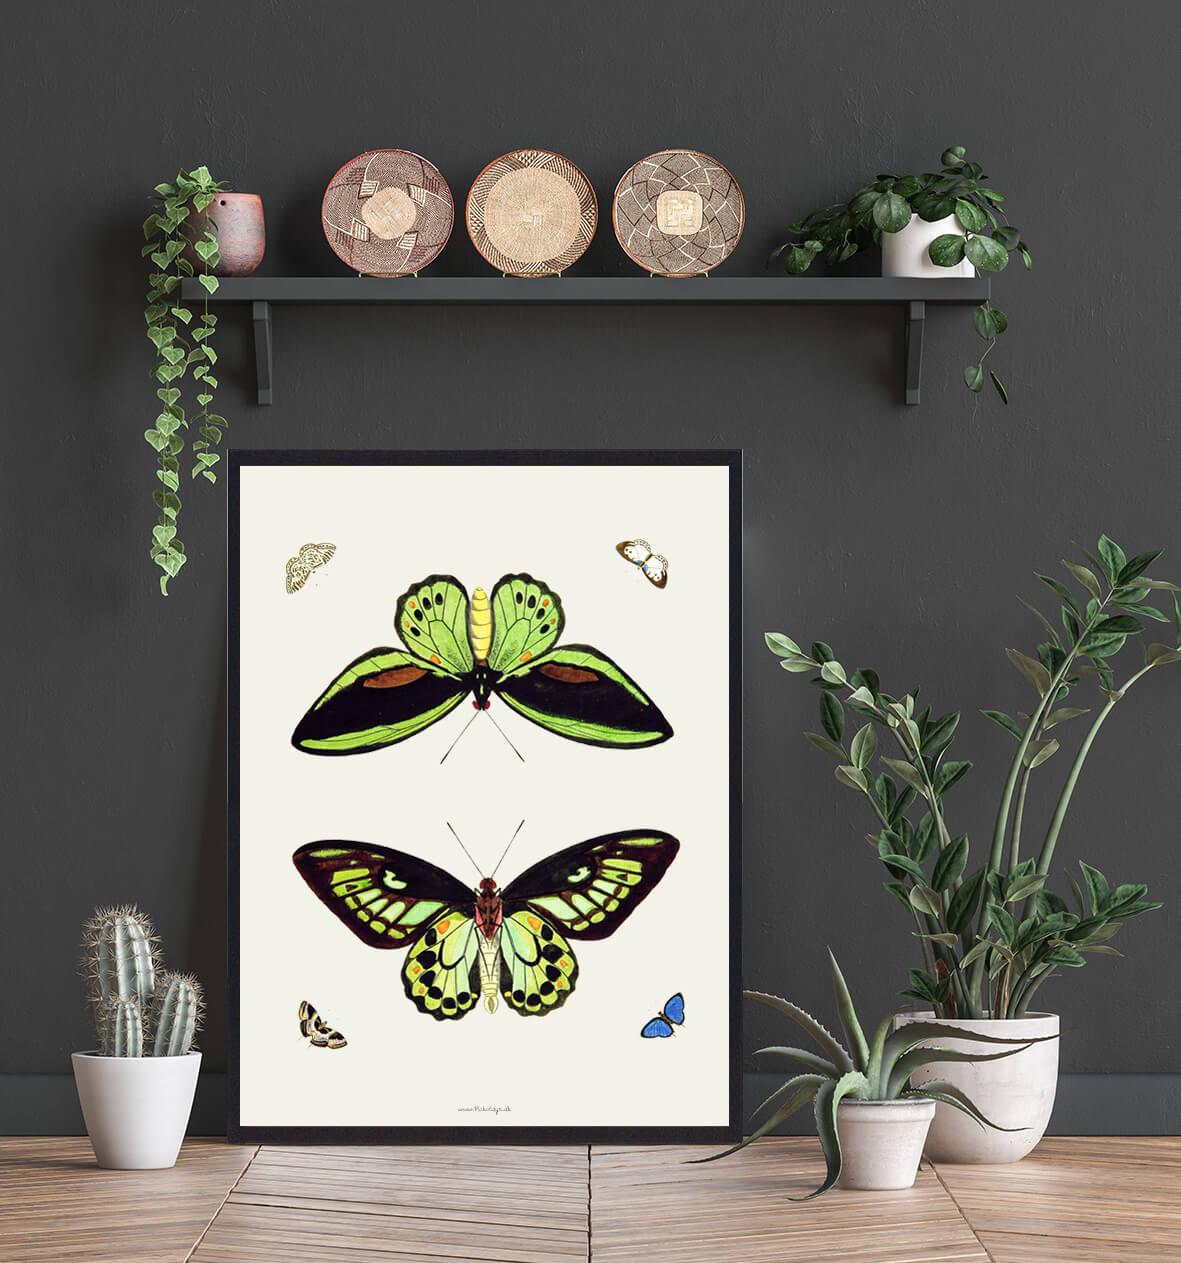 sommerfugle-plakat-hjemmet-3